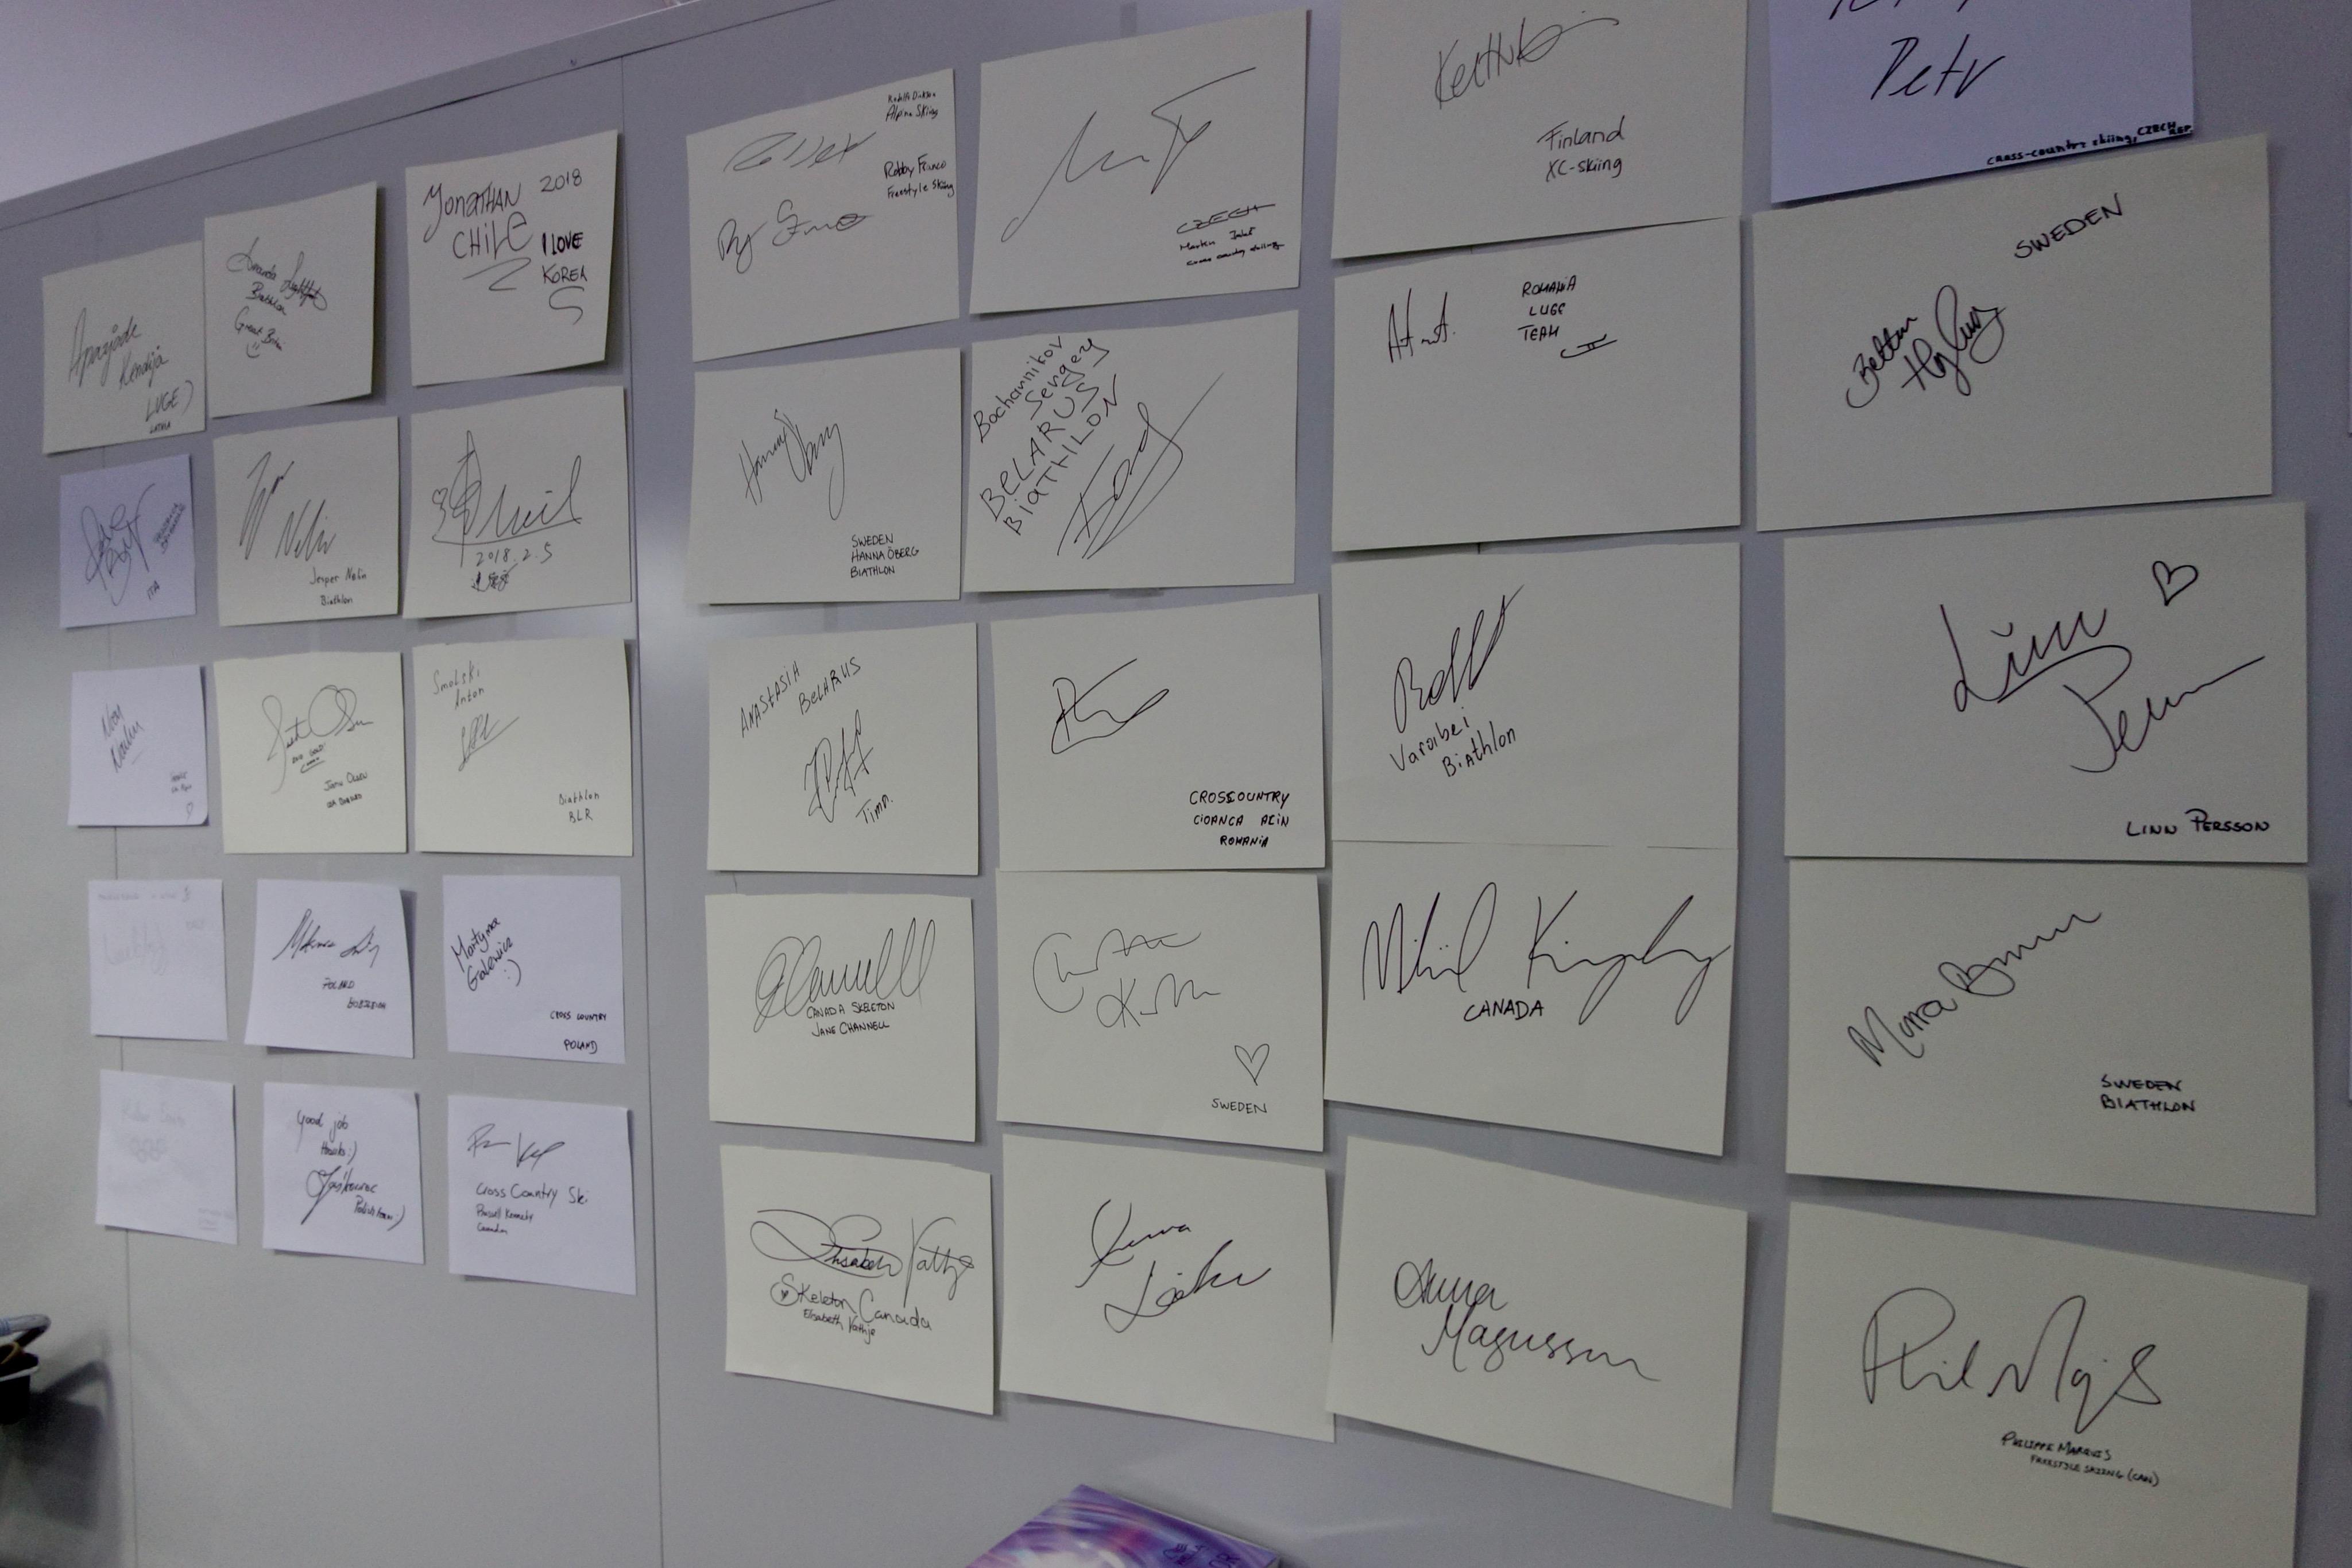 La signature de ceux qui sont passés chez le coiffeur.